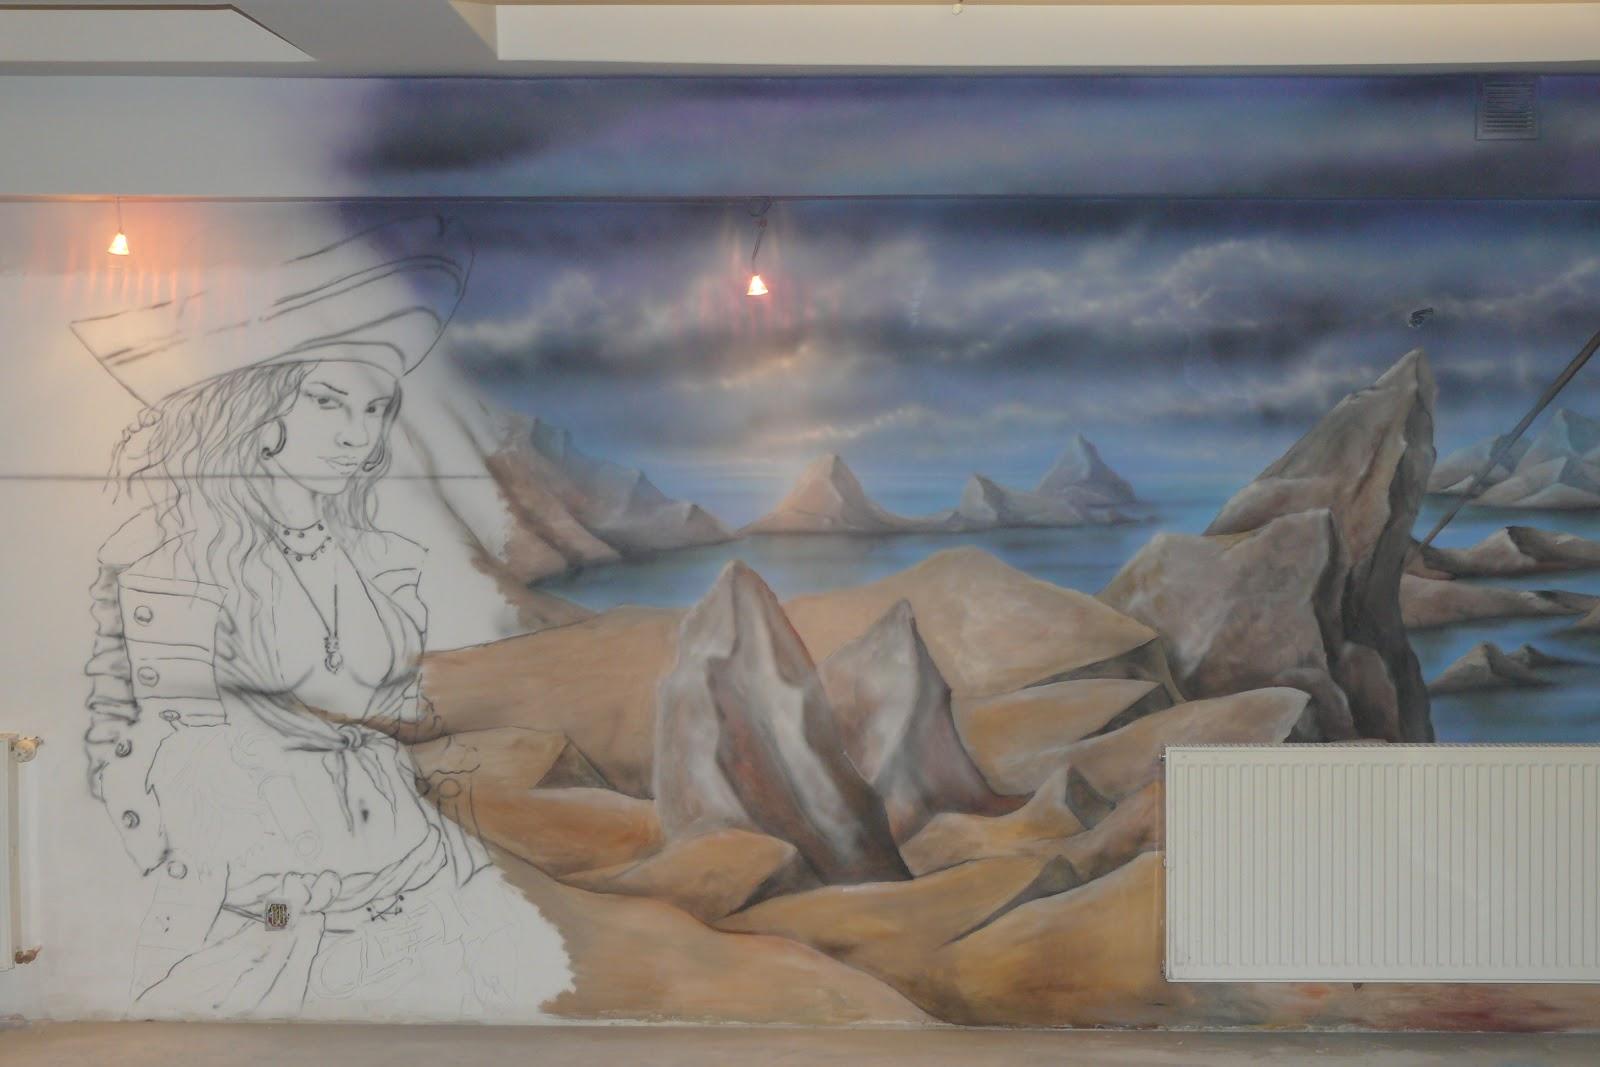 Malarstwo dekoracyjne 3D, malowanie obrazu na ścianie w motyw piratów